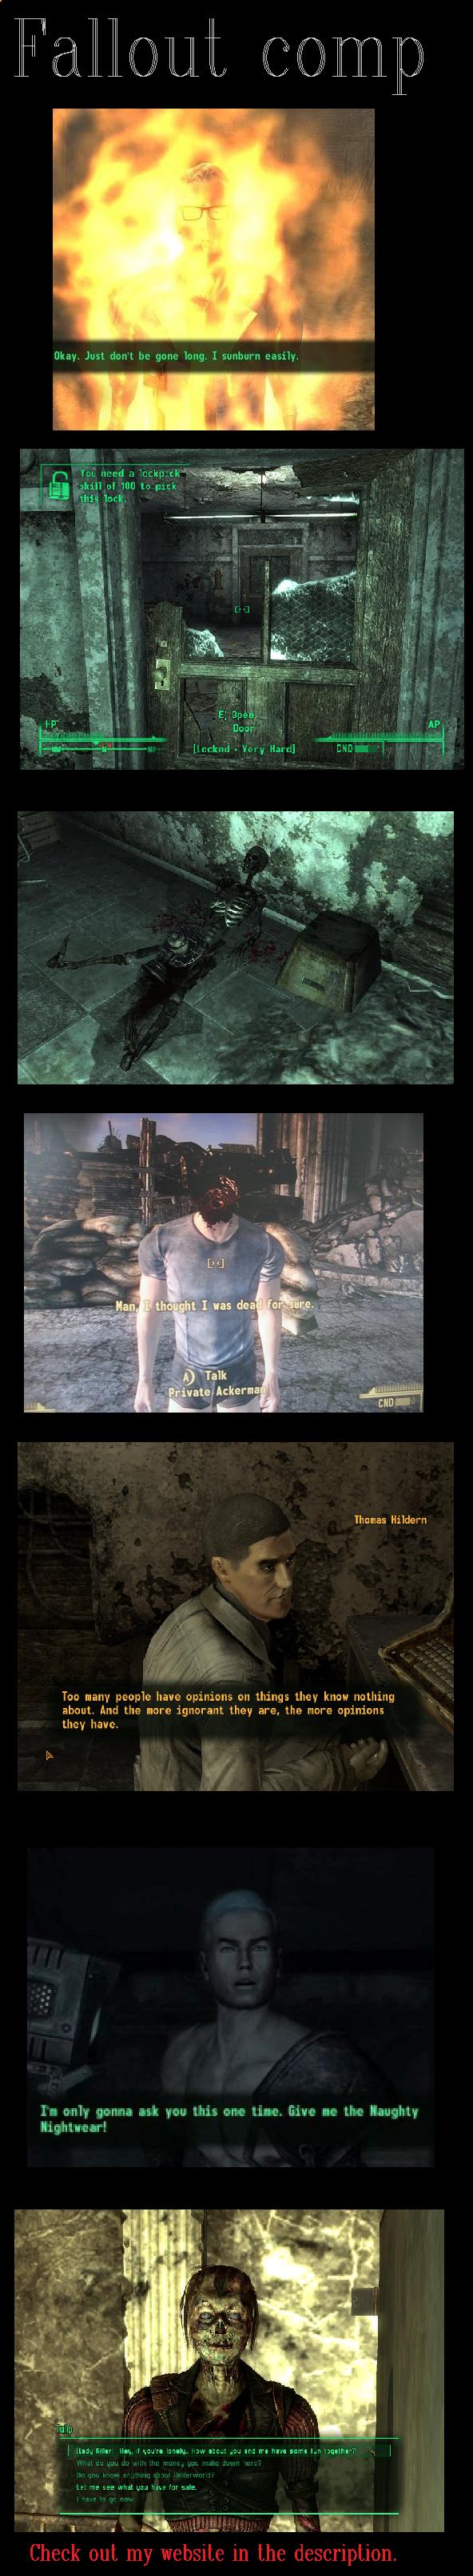 Fallout comp 1. incredibleoddities.com. Fallout comp 1 incredibleoddities com